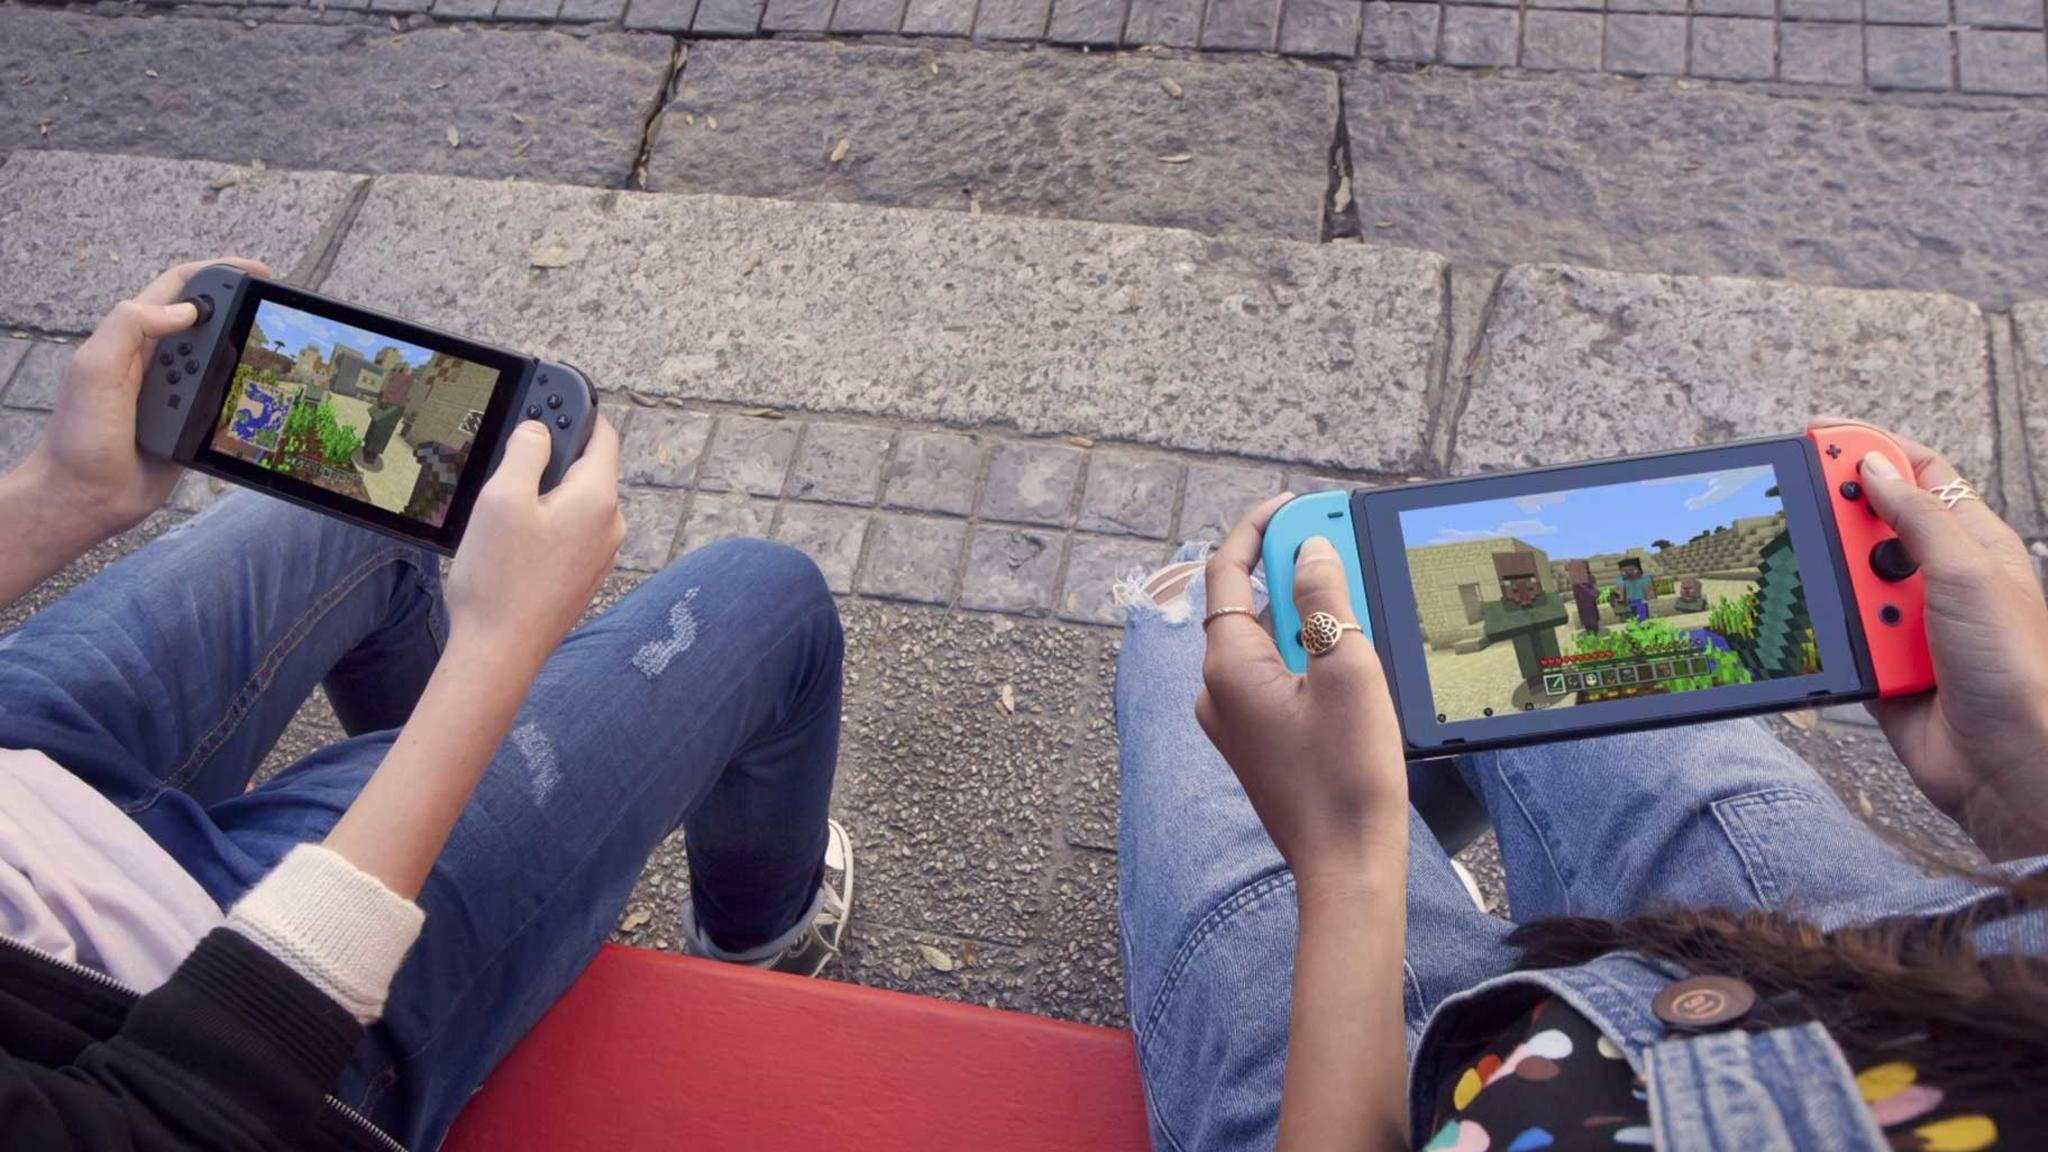 Der lokale Multiplayer der Nintendo Switch bleibt gratis, aber Zocken übers Internet kostet bald Abo-Gebühren.